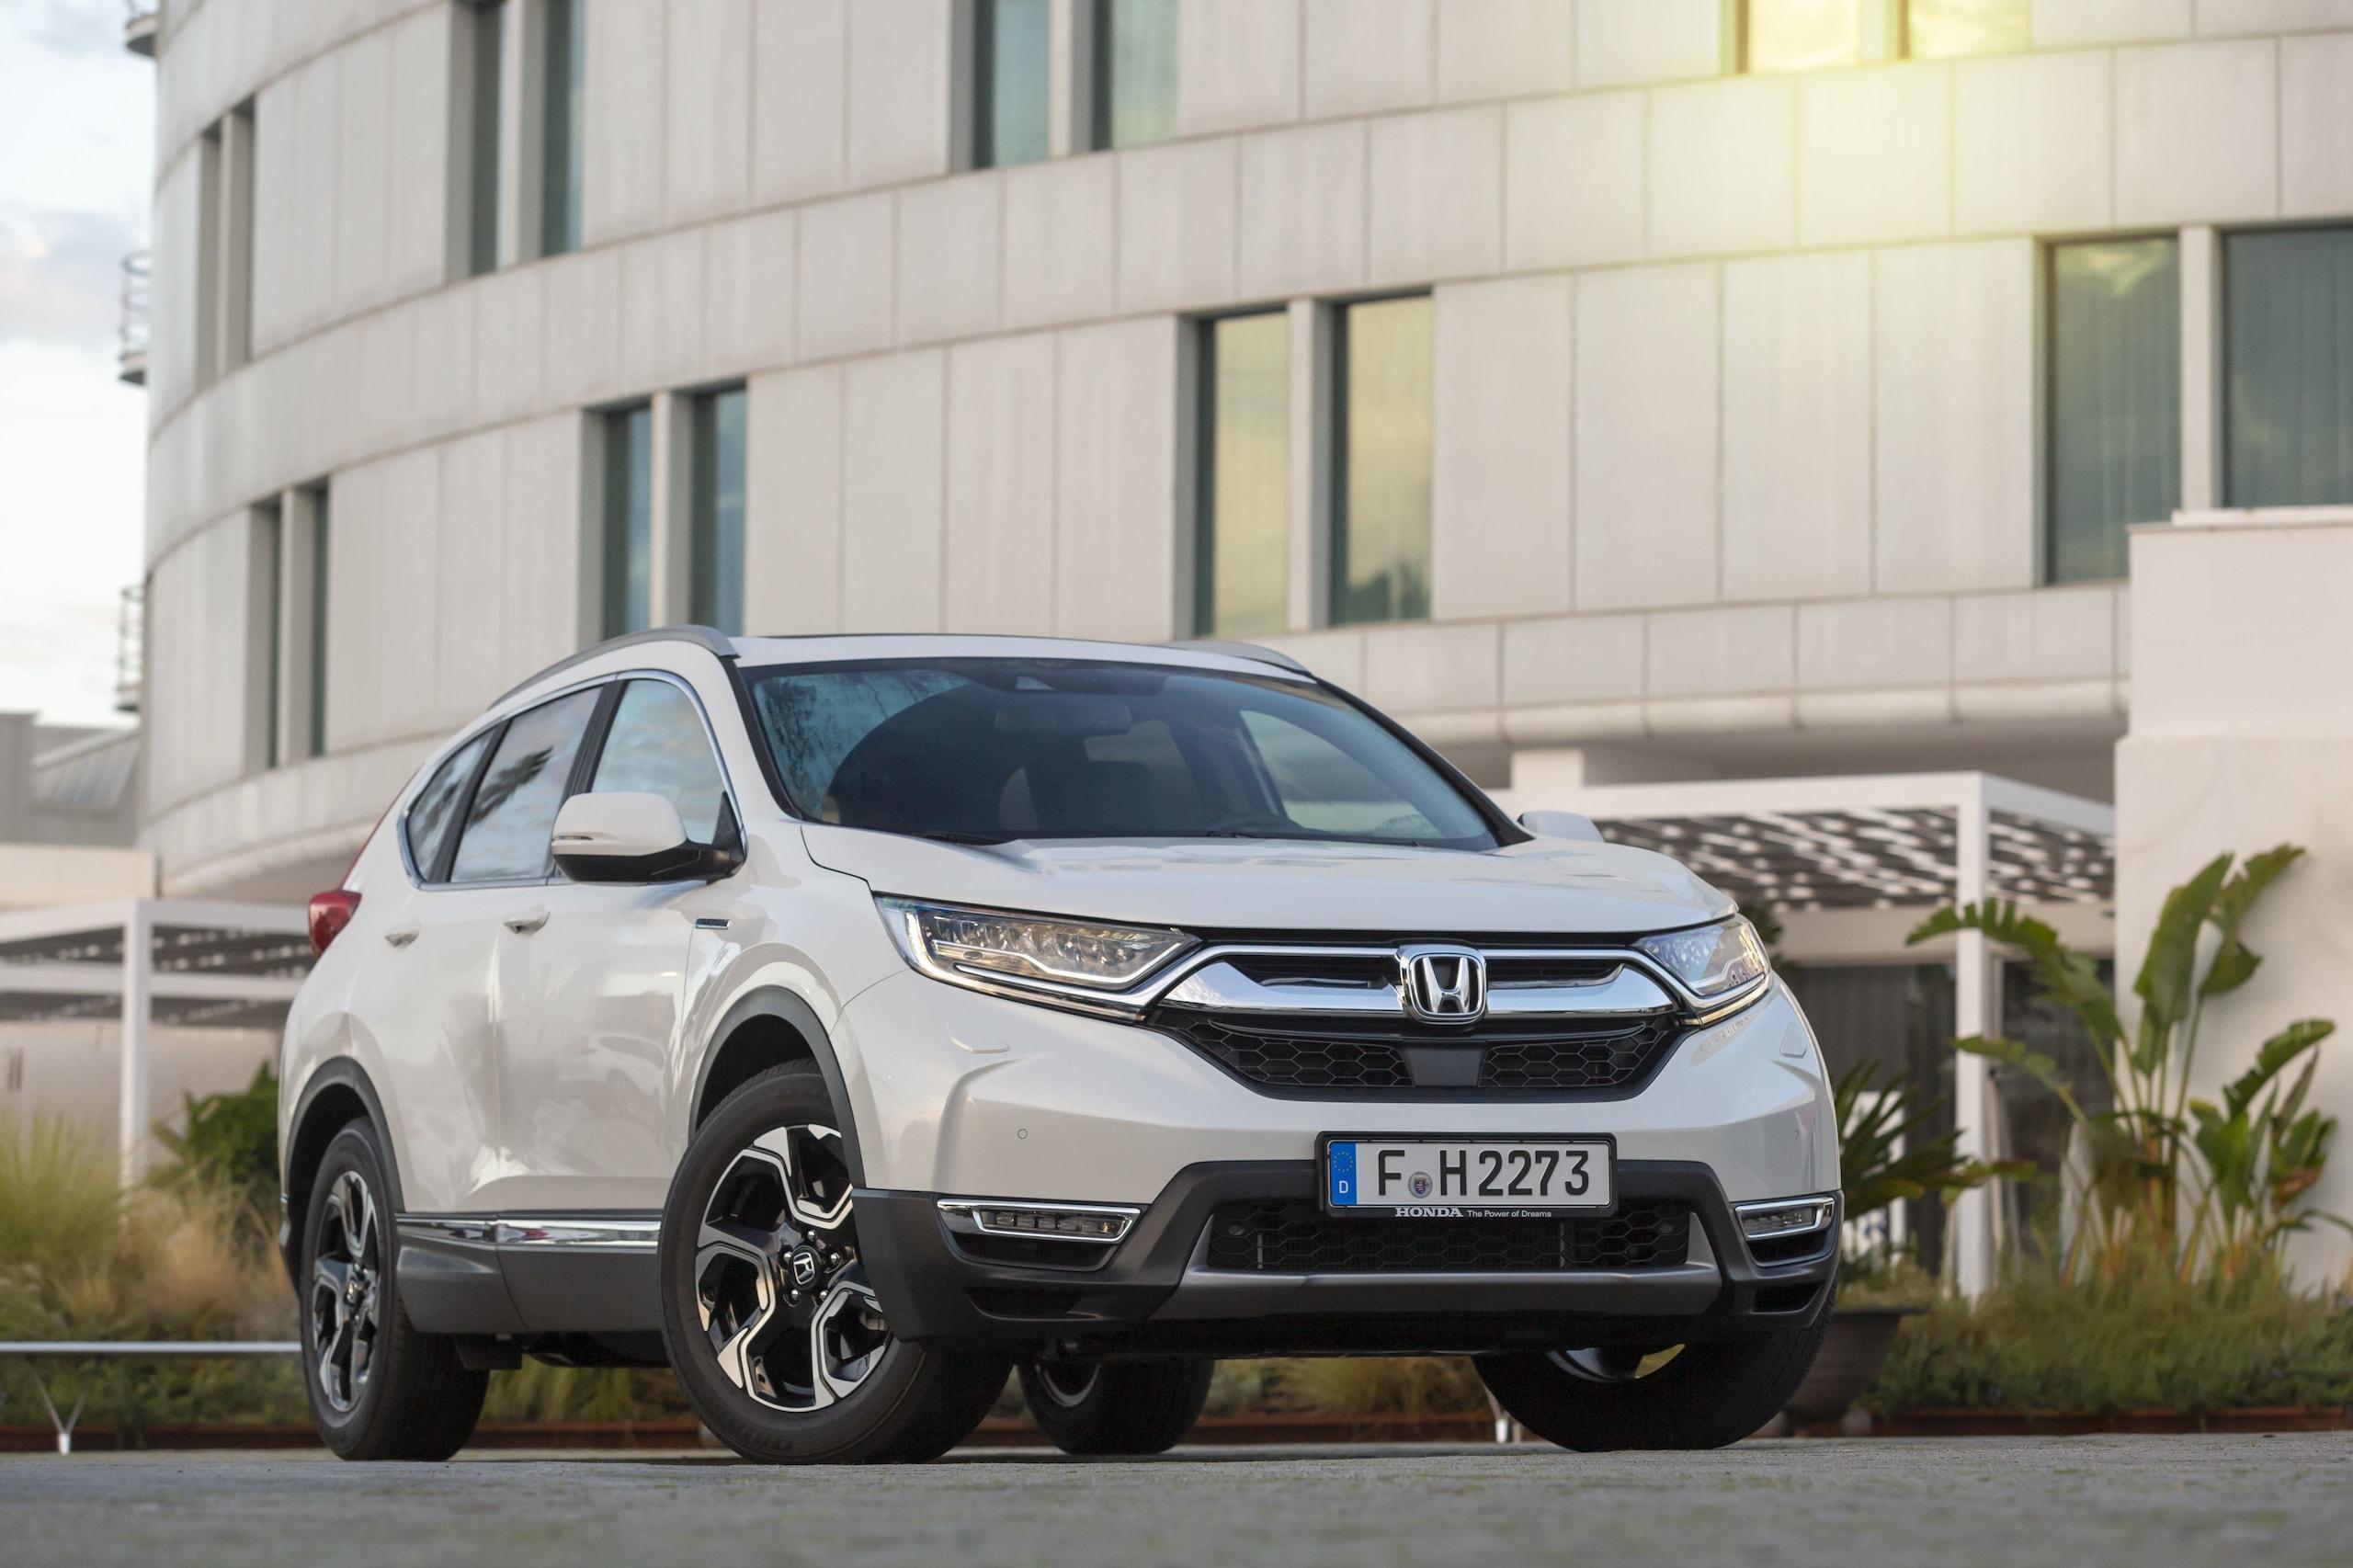 Prova comparata Nuova Honda CR-V Hybrid VS Volvo HC60 T8 Hybrid